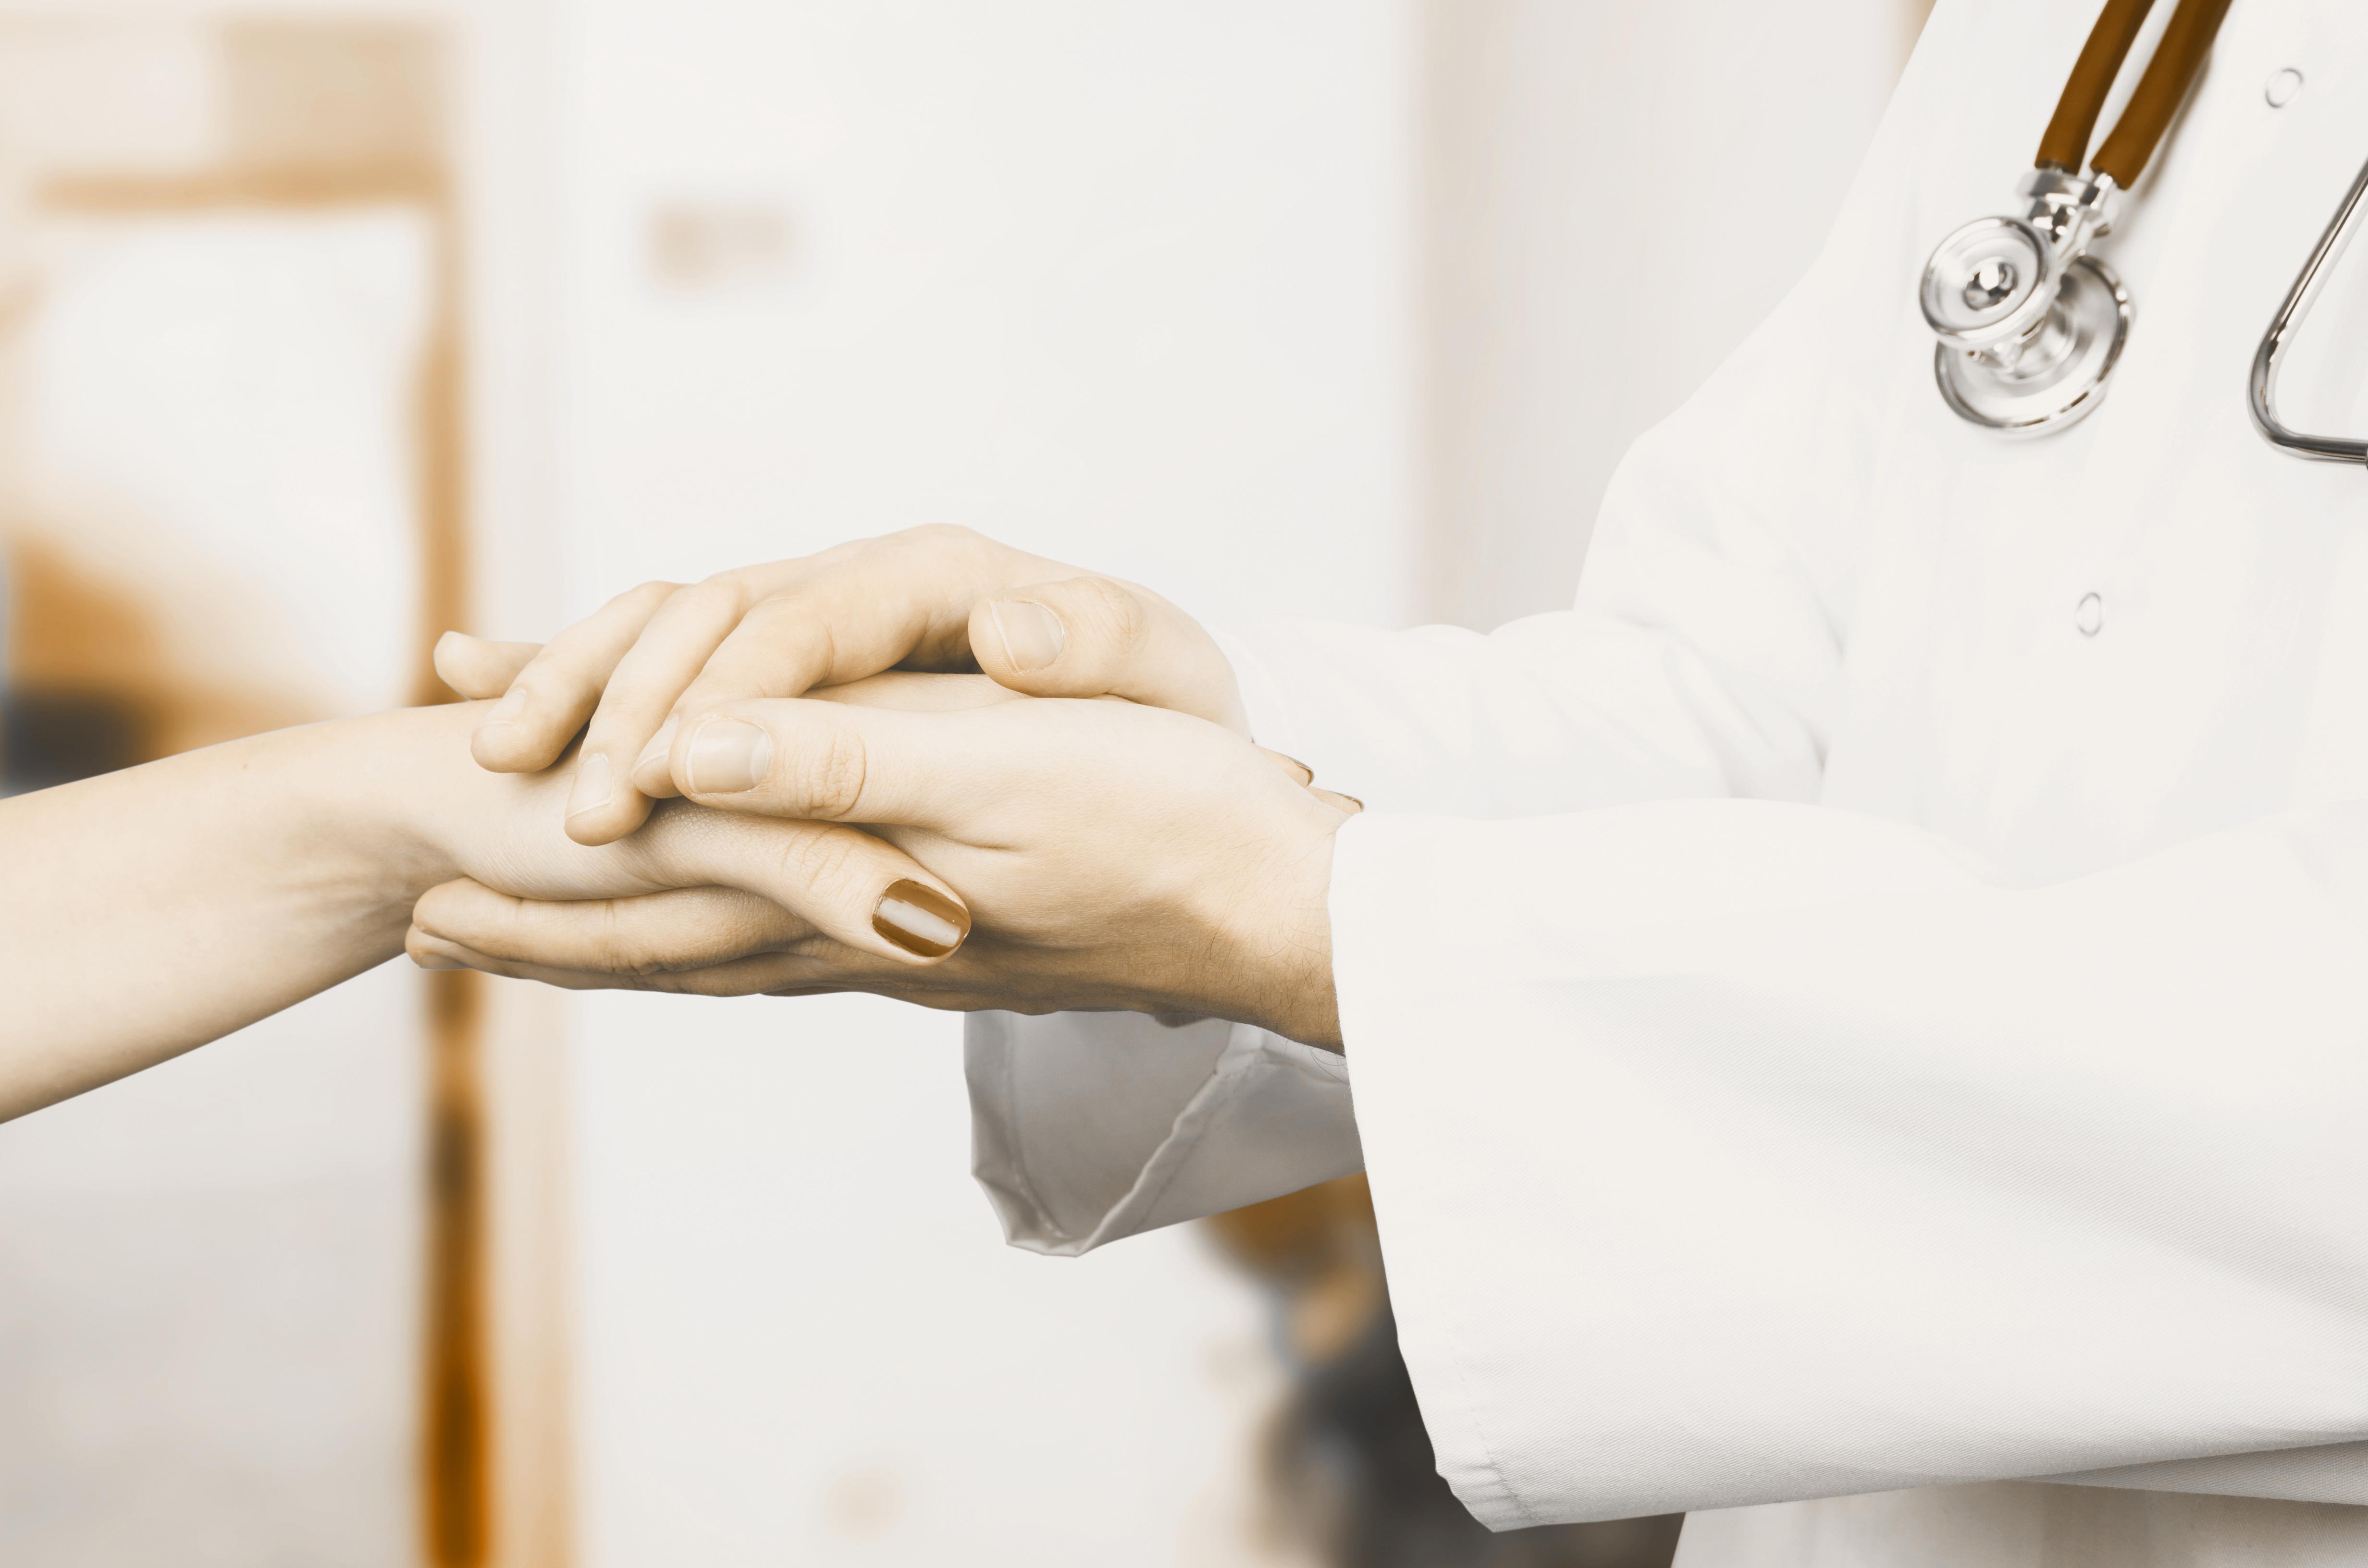 Hands Dr